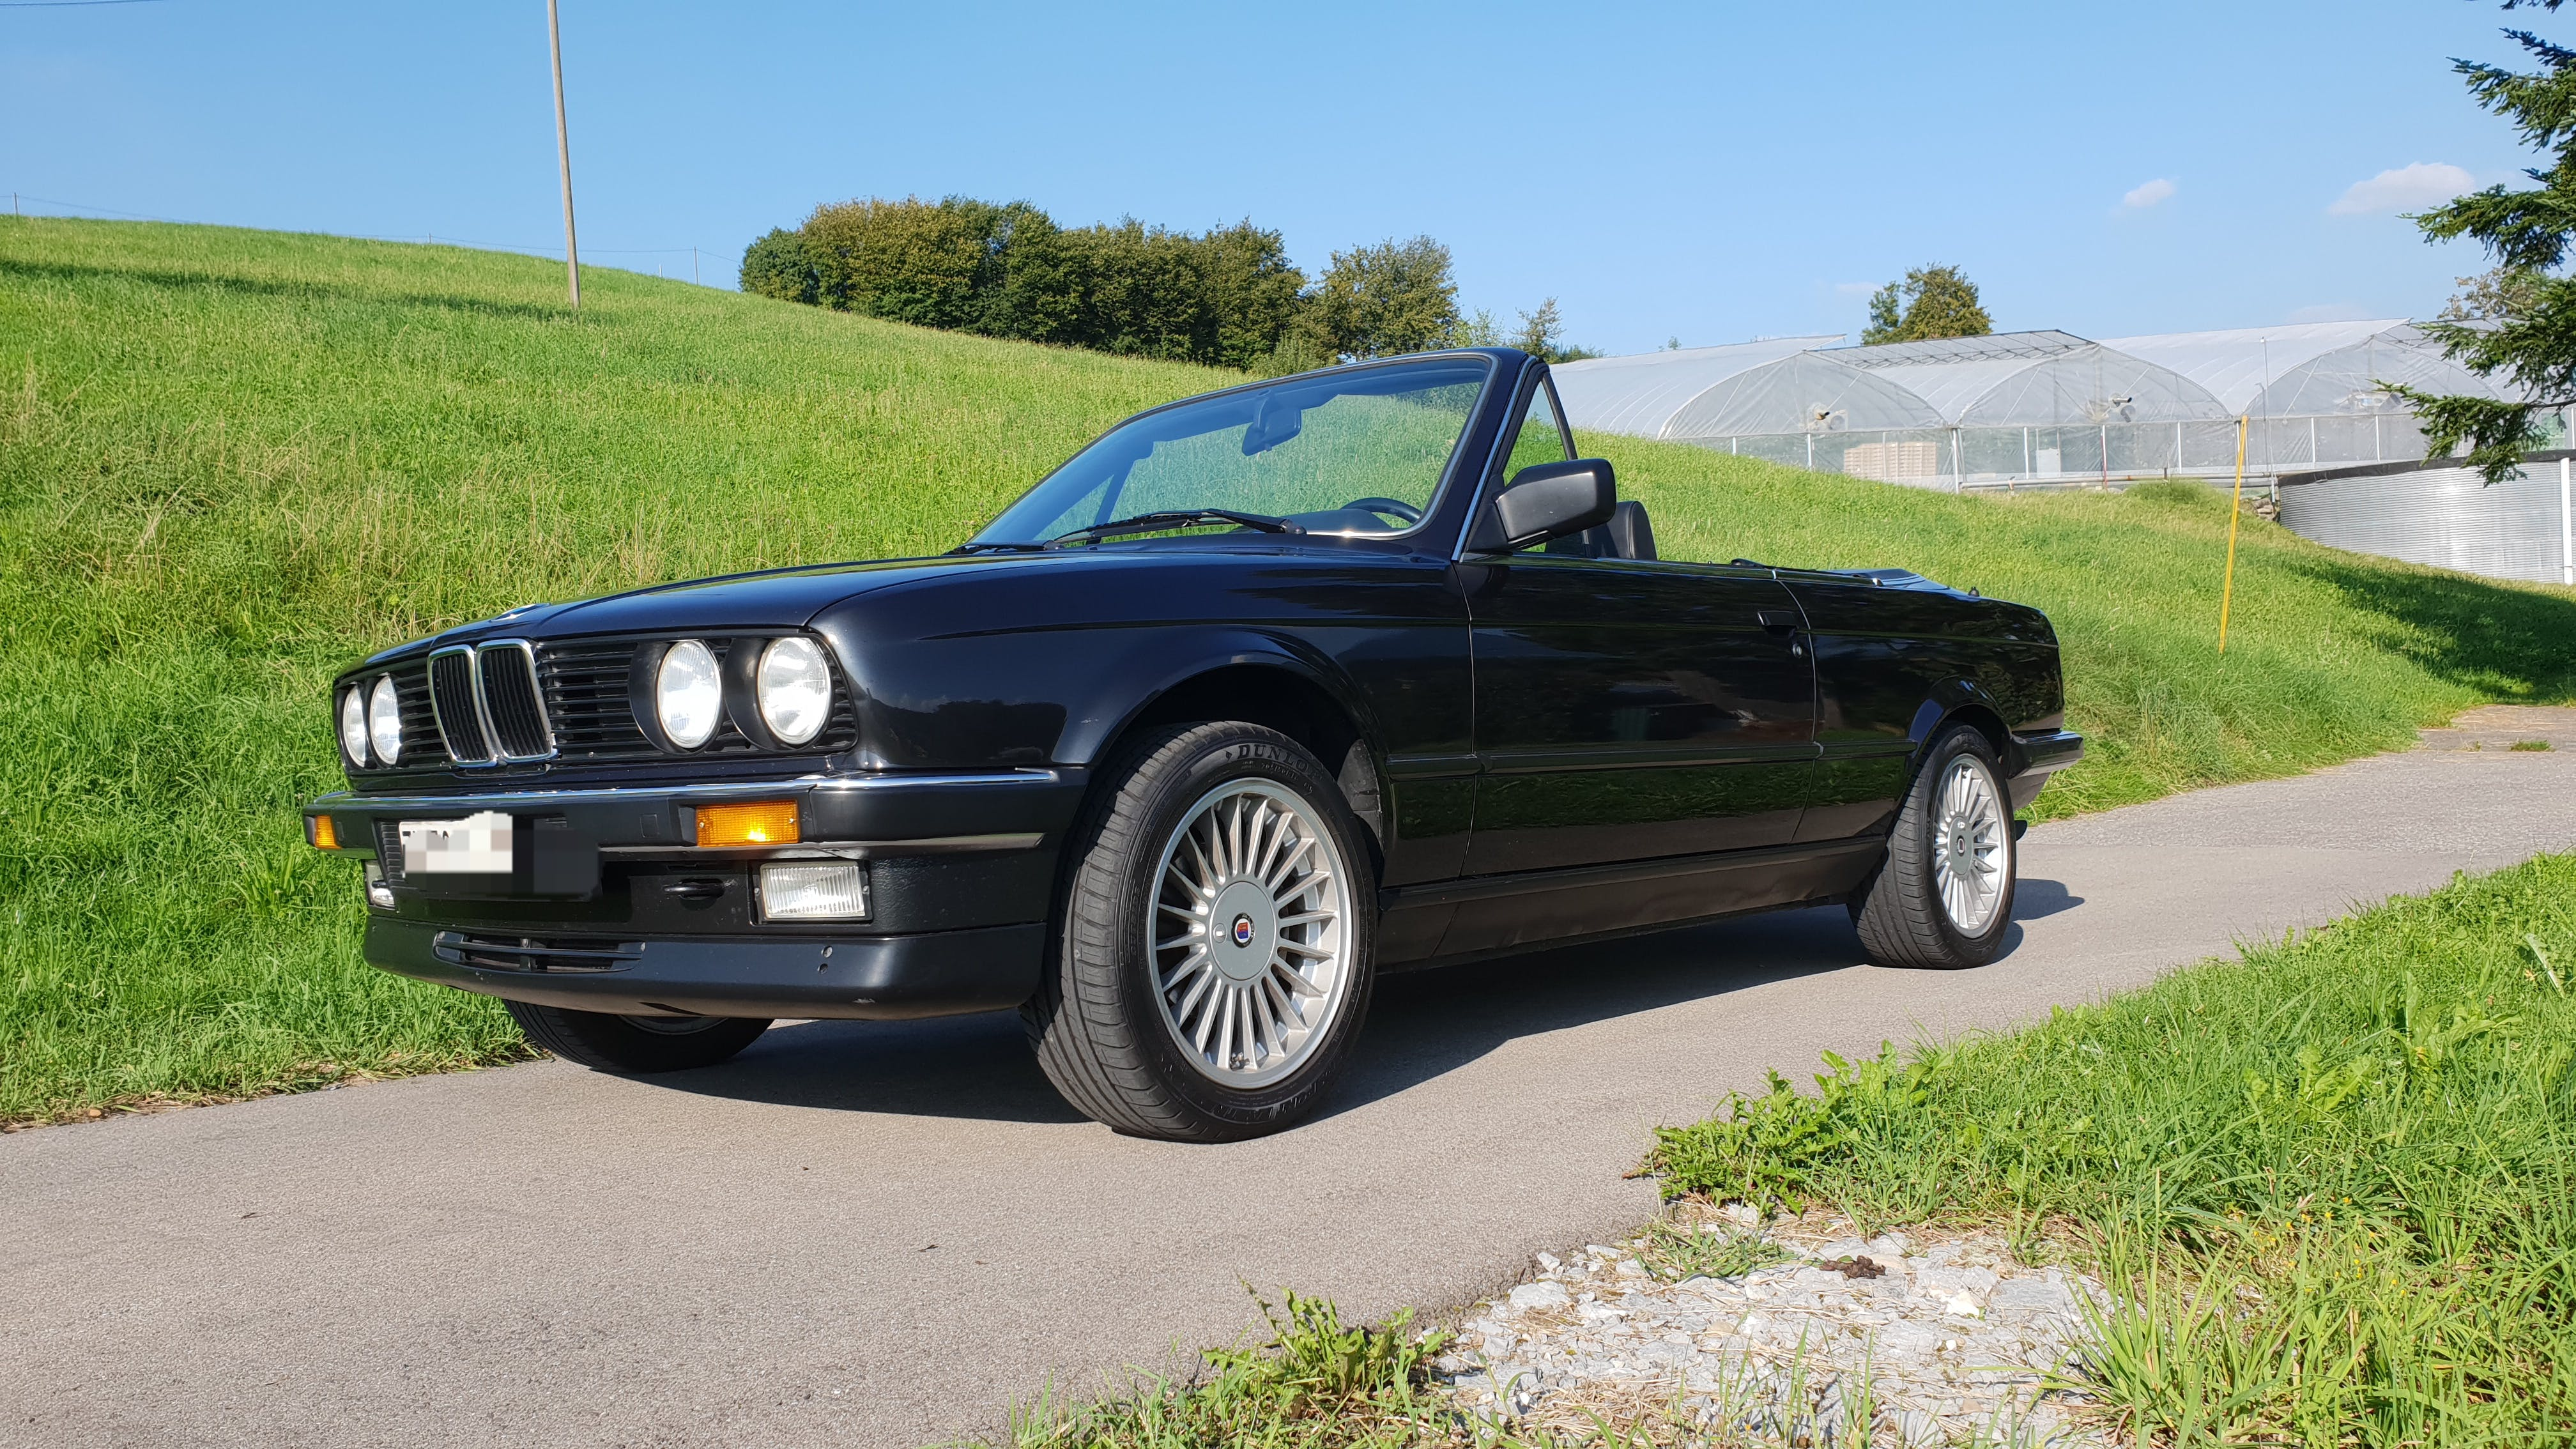 cabriolet BMW 3er Reihe E30 Cabriolet 325i ABS